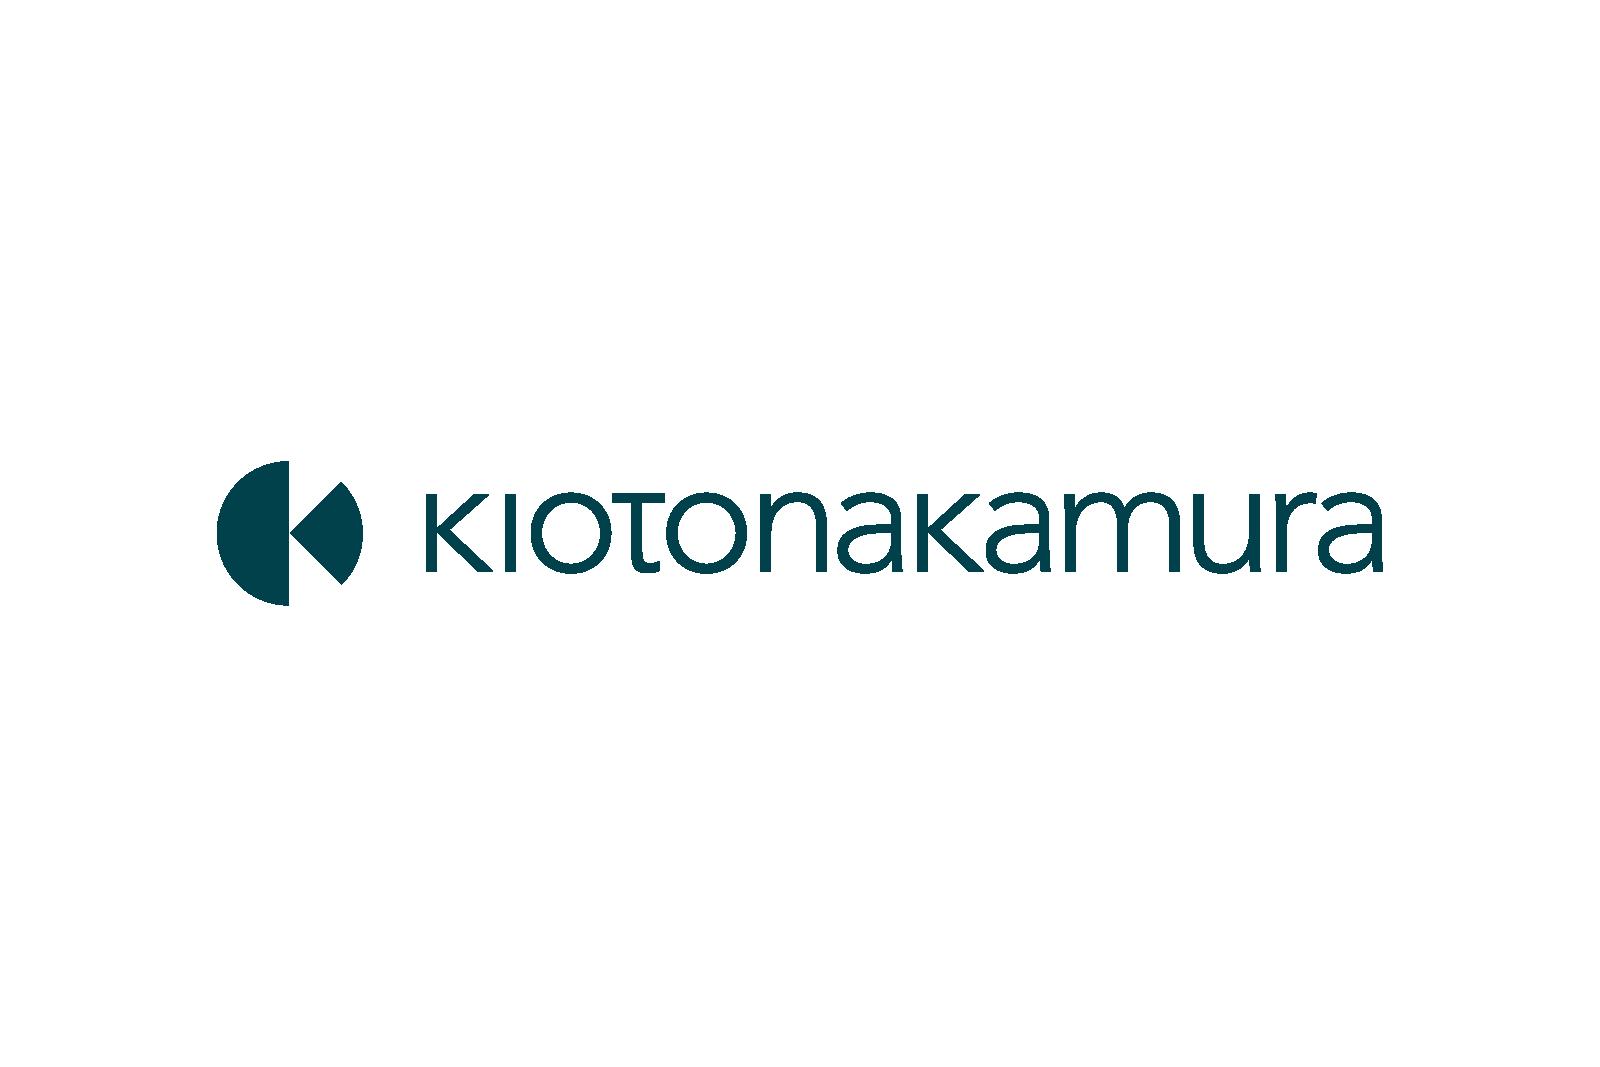 Kiotonakamura Logo